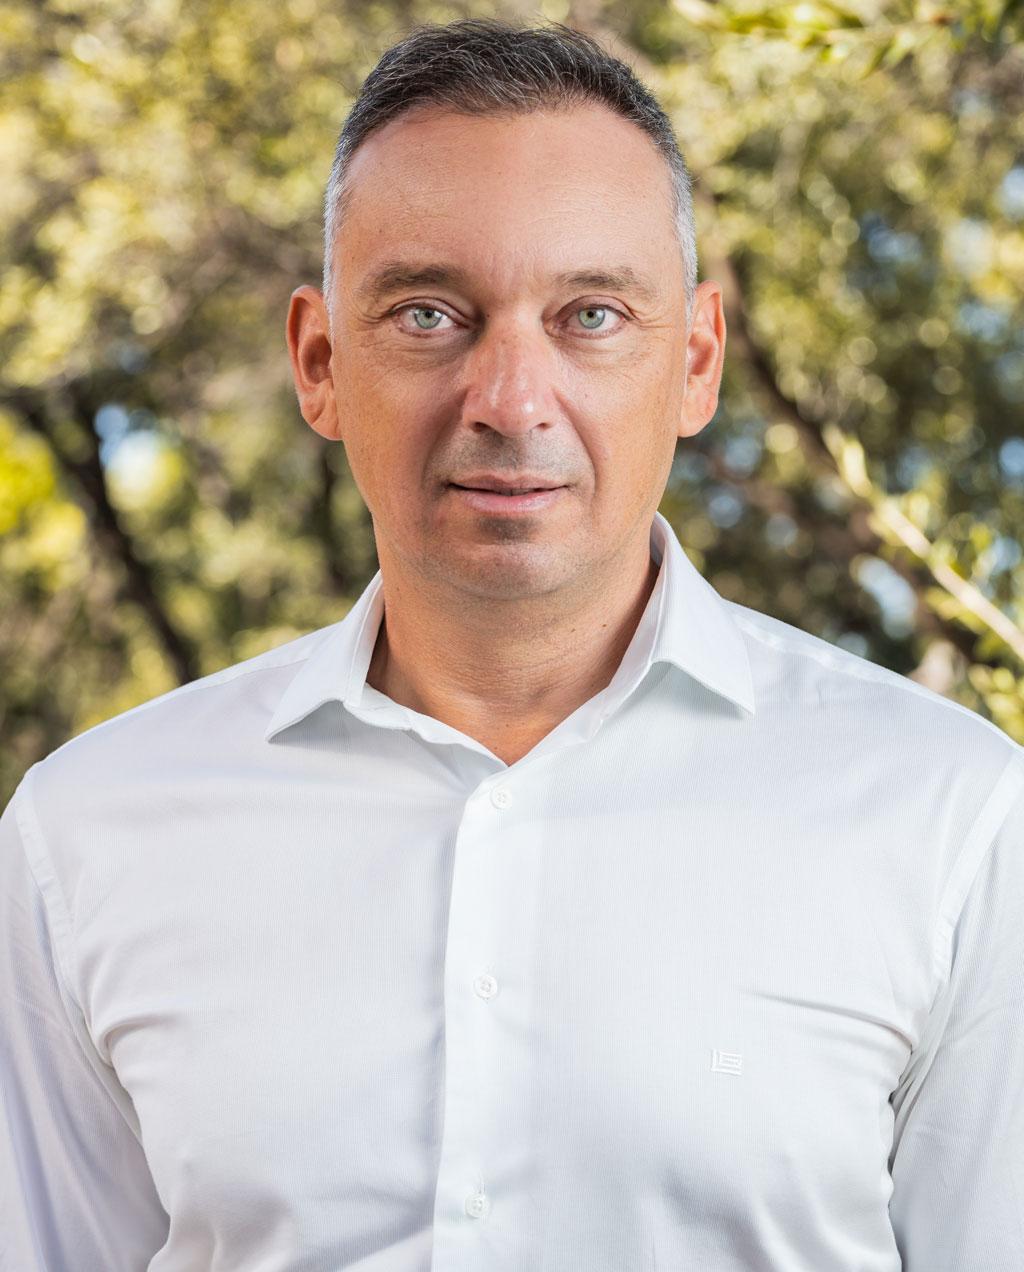 Χαιρετισμός - Γιώργος Χαραλαμπίδης